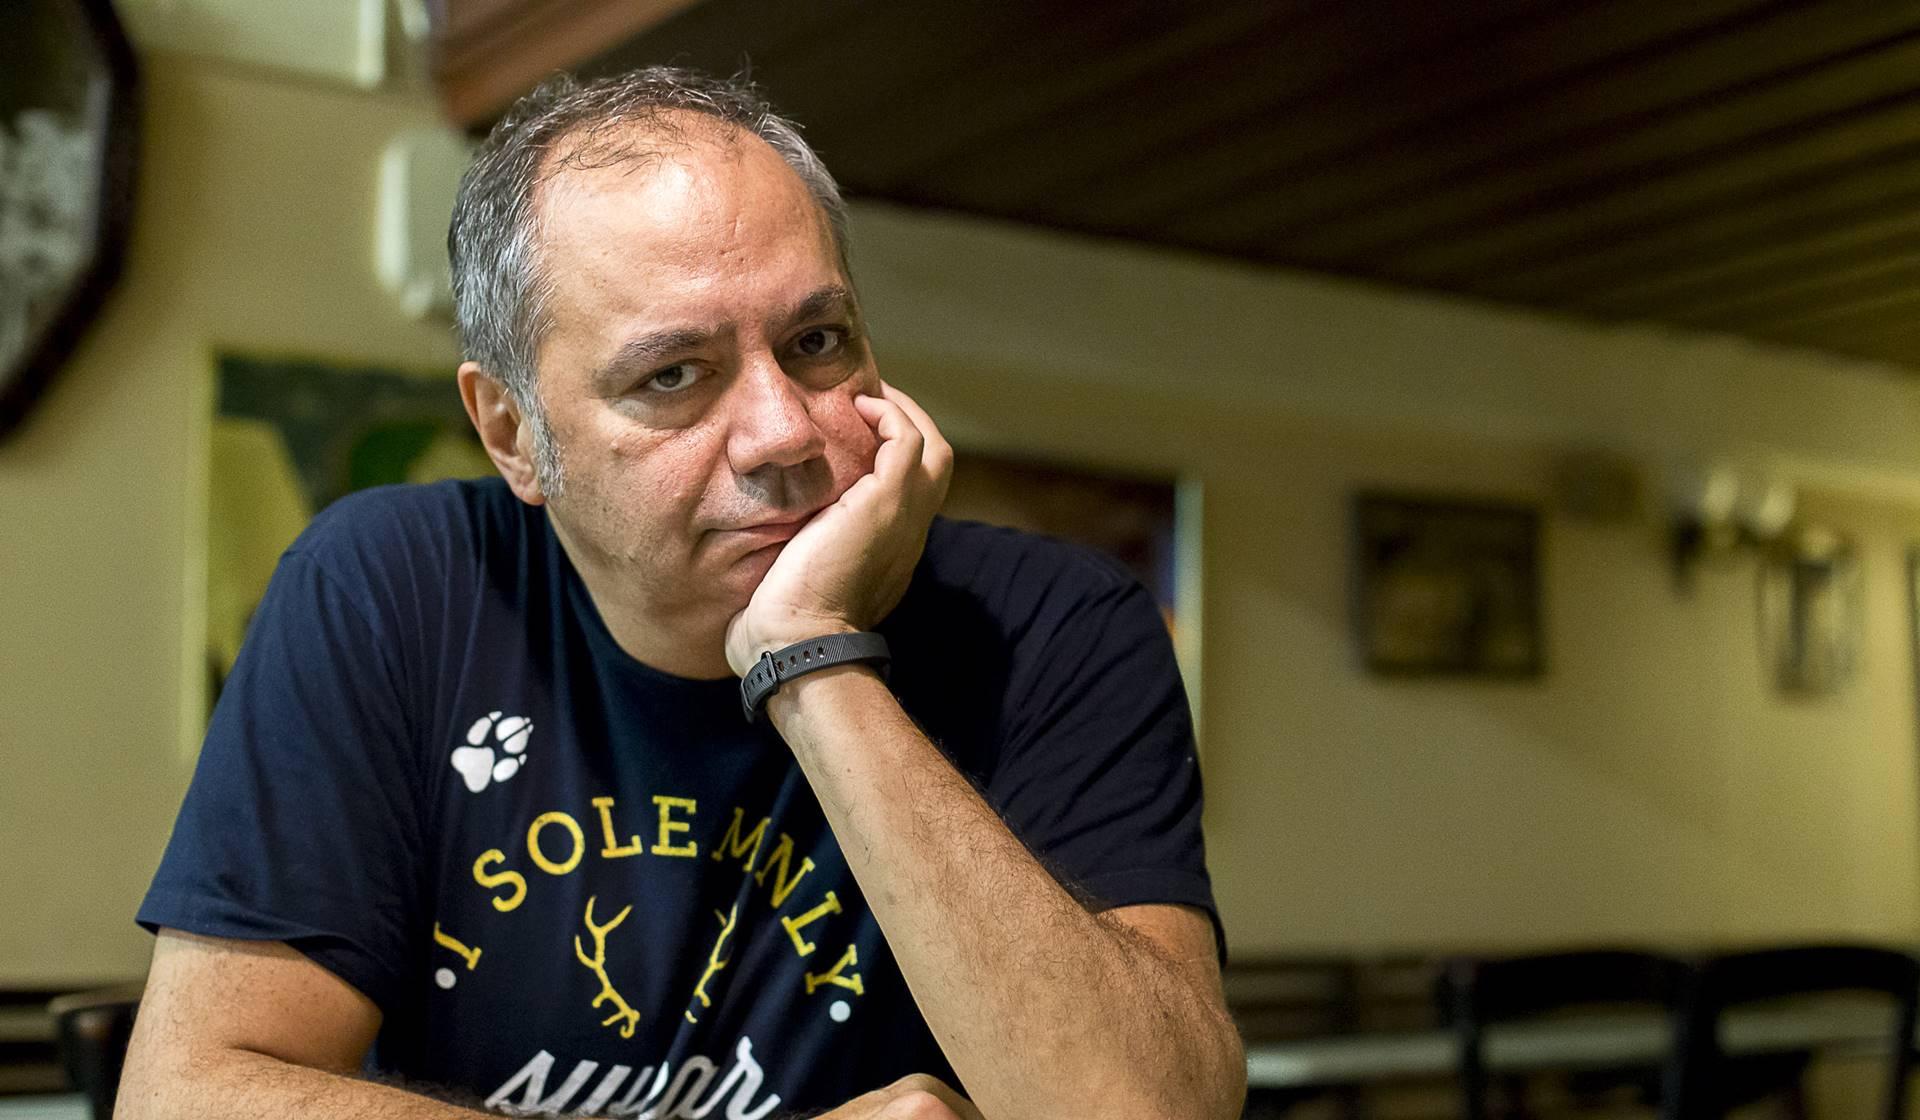 Pepe Colubi Ilustres ignorantes 08/07/2019  Foto: Albert Salamé / VWFoto